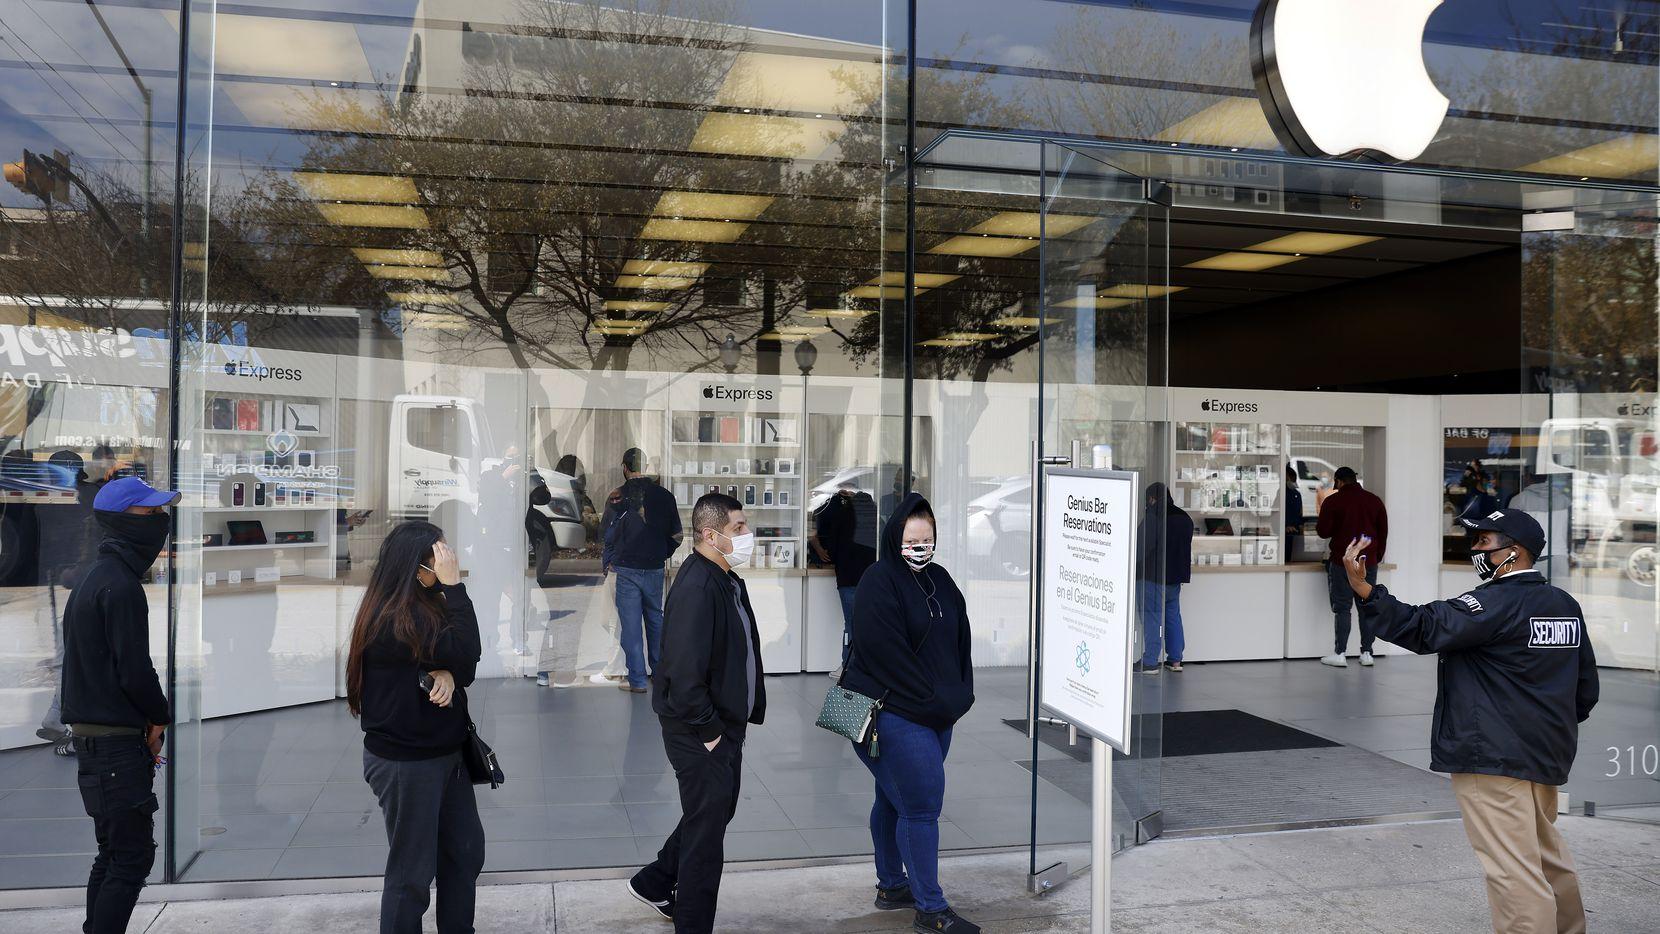 بازگشایی مجدد فروشگاههای اپل